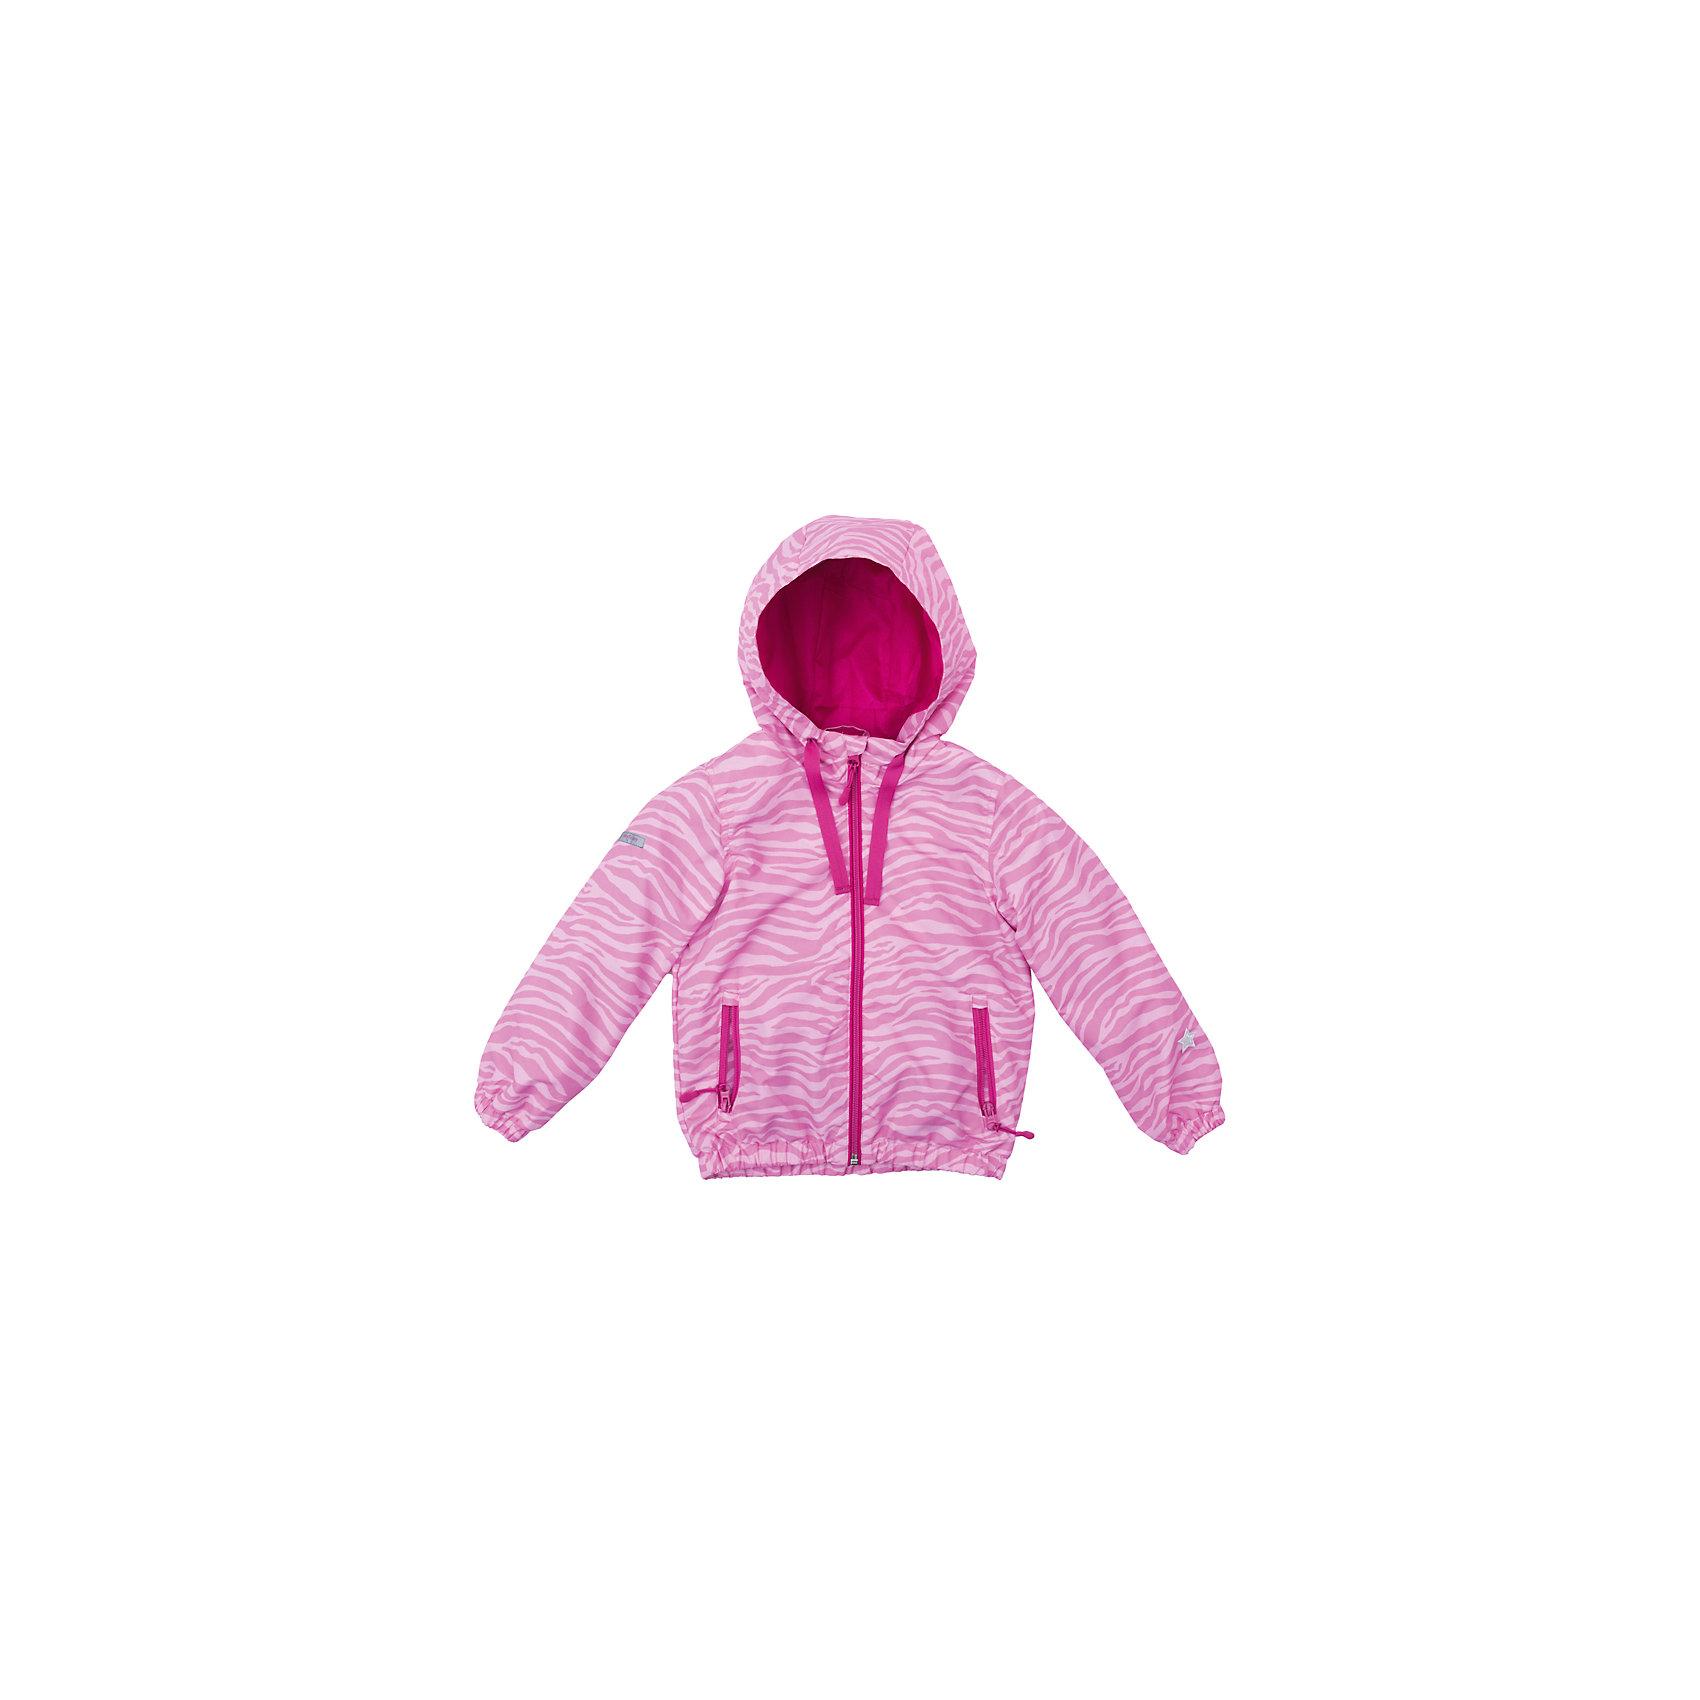 Куртка для девочки PlayTodayВерхняя одежда<br>Куртка для девочки PlayToday<br>Яркая стильная куртка обязательно понравится Вашему ребенку! Специальный карман для фиксации застежки-молнии не позволит застежке травмировать нежную детскую кожу. За счет шнура - кулиски капюшон не упадет с головы даже во время активных игр. Светоотражатели на рукаве и по низу изделия позволят видеть Вашего ребенка даже в темное время суток. <br><br>Преимущества: <br><br>Защита подбородка. Специальный карман для фиксации застежки-молнии. Наличие данного кармана не позволит застежке -молнии травмировать нежную кожу ребенка<br>Капюшон на шнуре - кулиске<br>Светоотражатели на рукаве и по низу изделия<br><br>Состав:<br>Верх: 100% полиэстер, подкладка: 100% полиэстер<br><br>Ширина мм: 356<br>Глубина мм: 10<br>Высота мм: 245<br>Вес г: 519<br>Цвет: розовый<br>Возраст от месяцев: 84<br>Возраст до месяцев: 96<br>Пол: Женский<br>Возраст: Детский<br>Размер: 128,98,104,110,116,122<br>SKU: 5404062